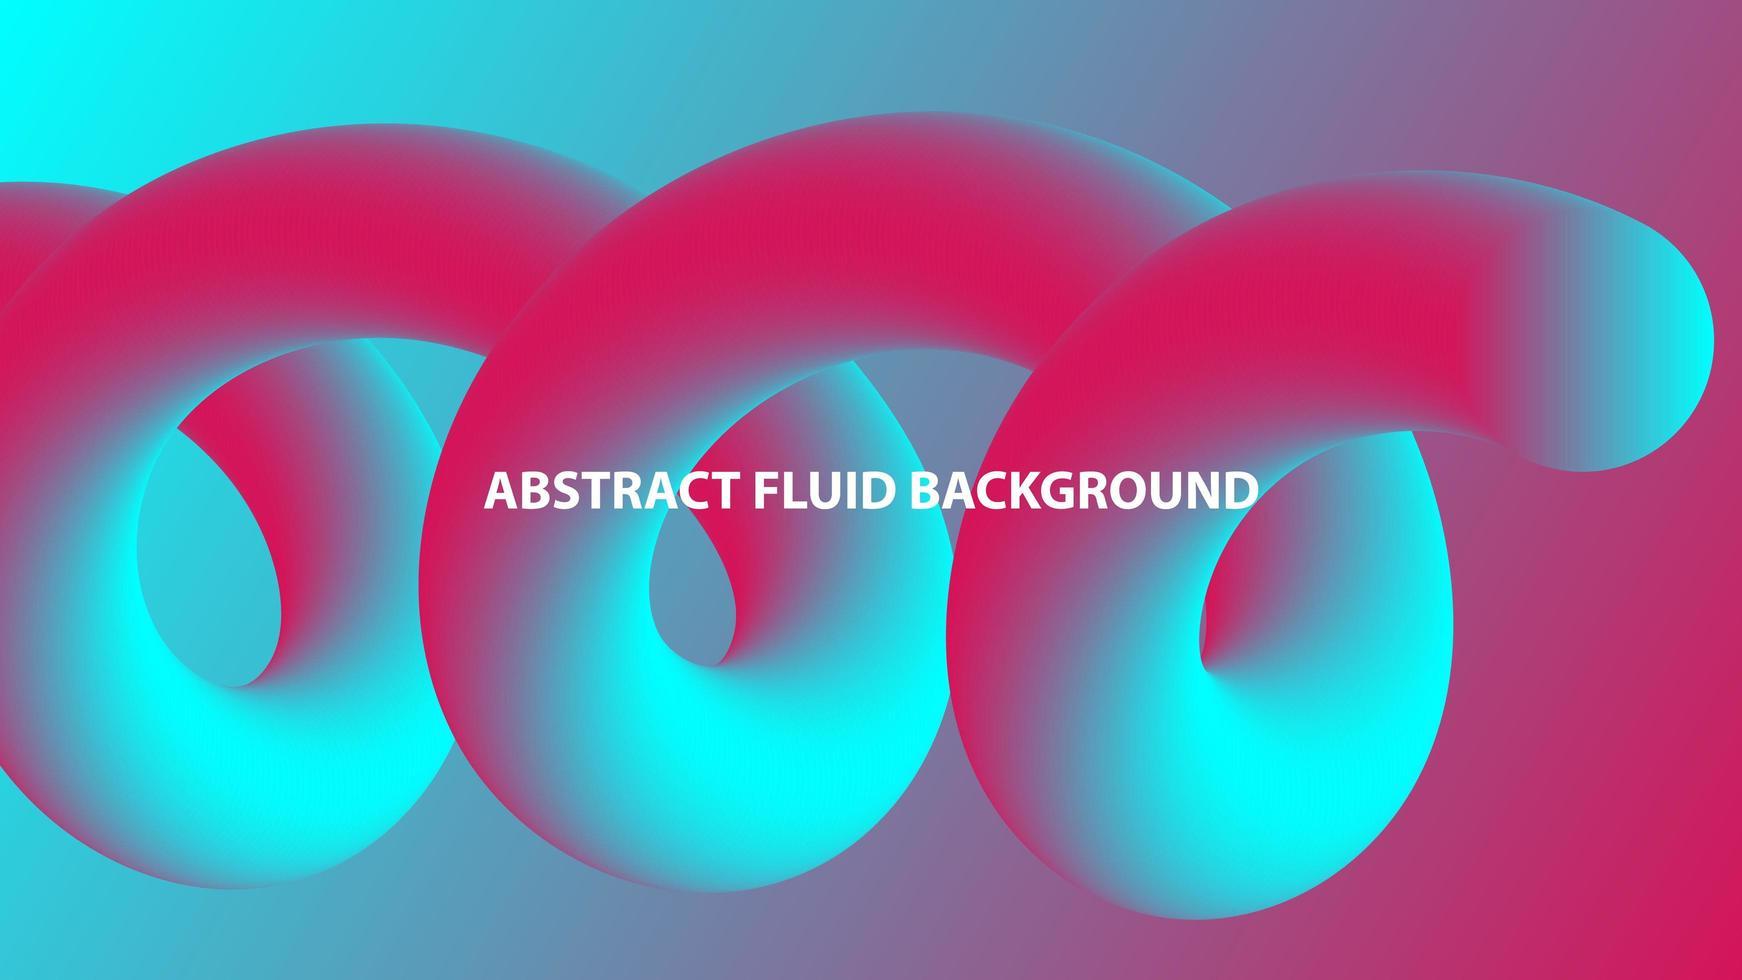 Forma fluida espiral abstracta en degradado rosa y azul vector